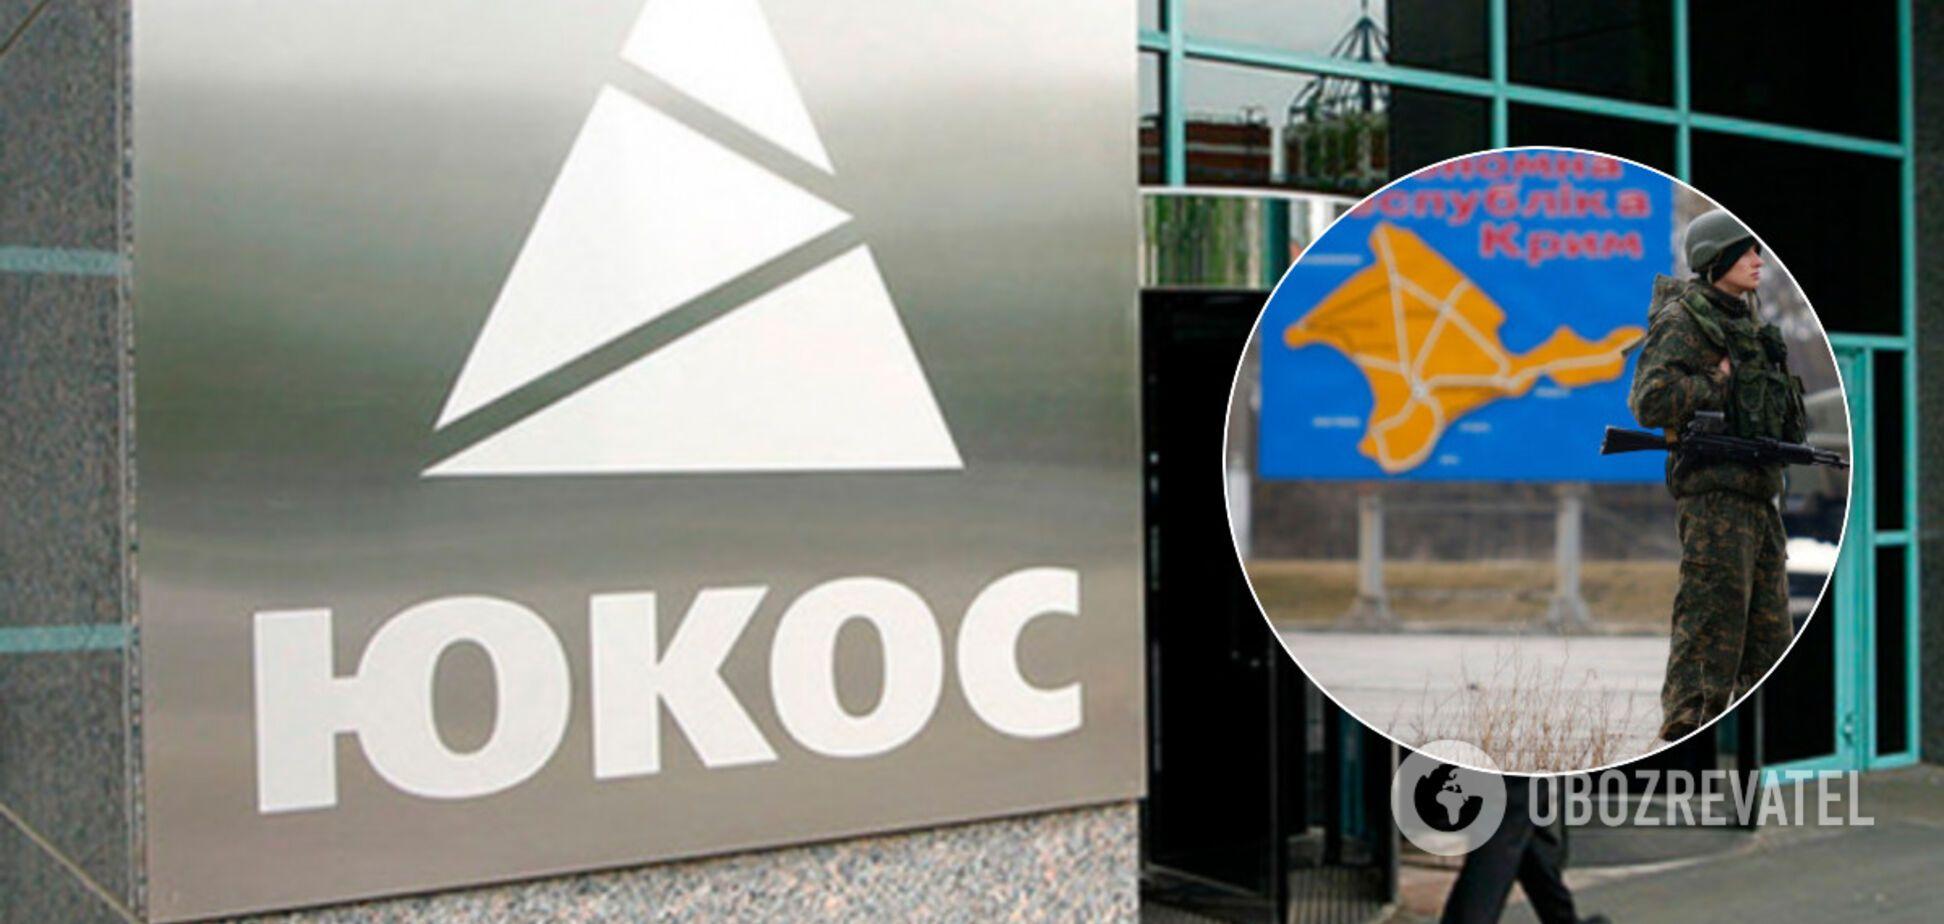 Суд Гааги наказал Россию на 50 млрд евро, используя аннексию Крыма